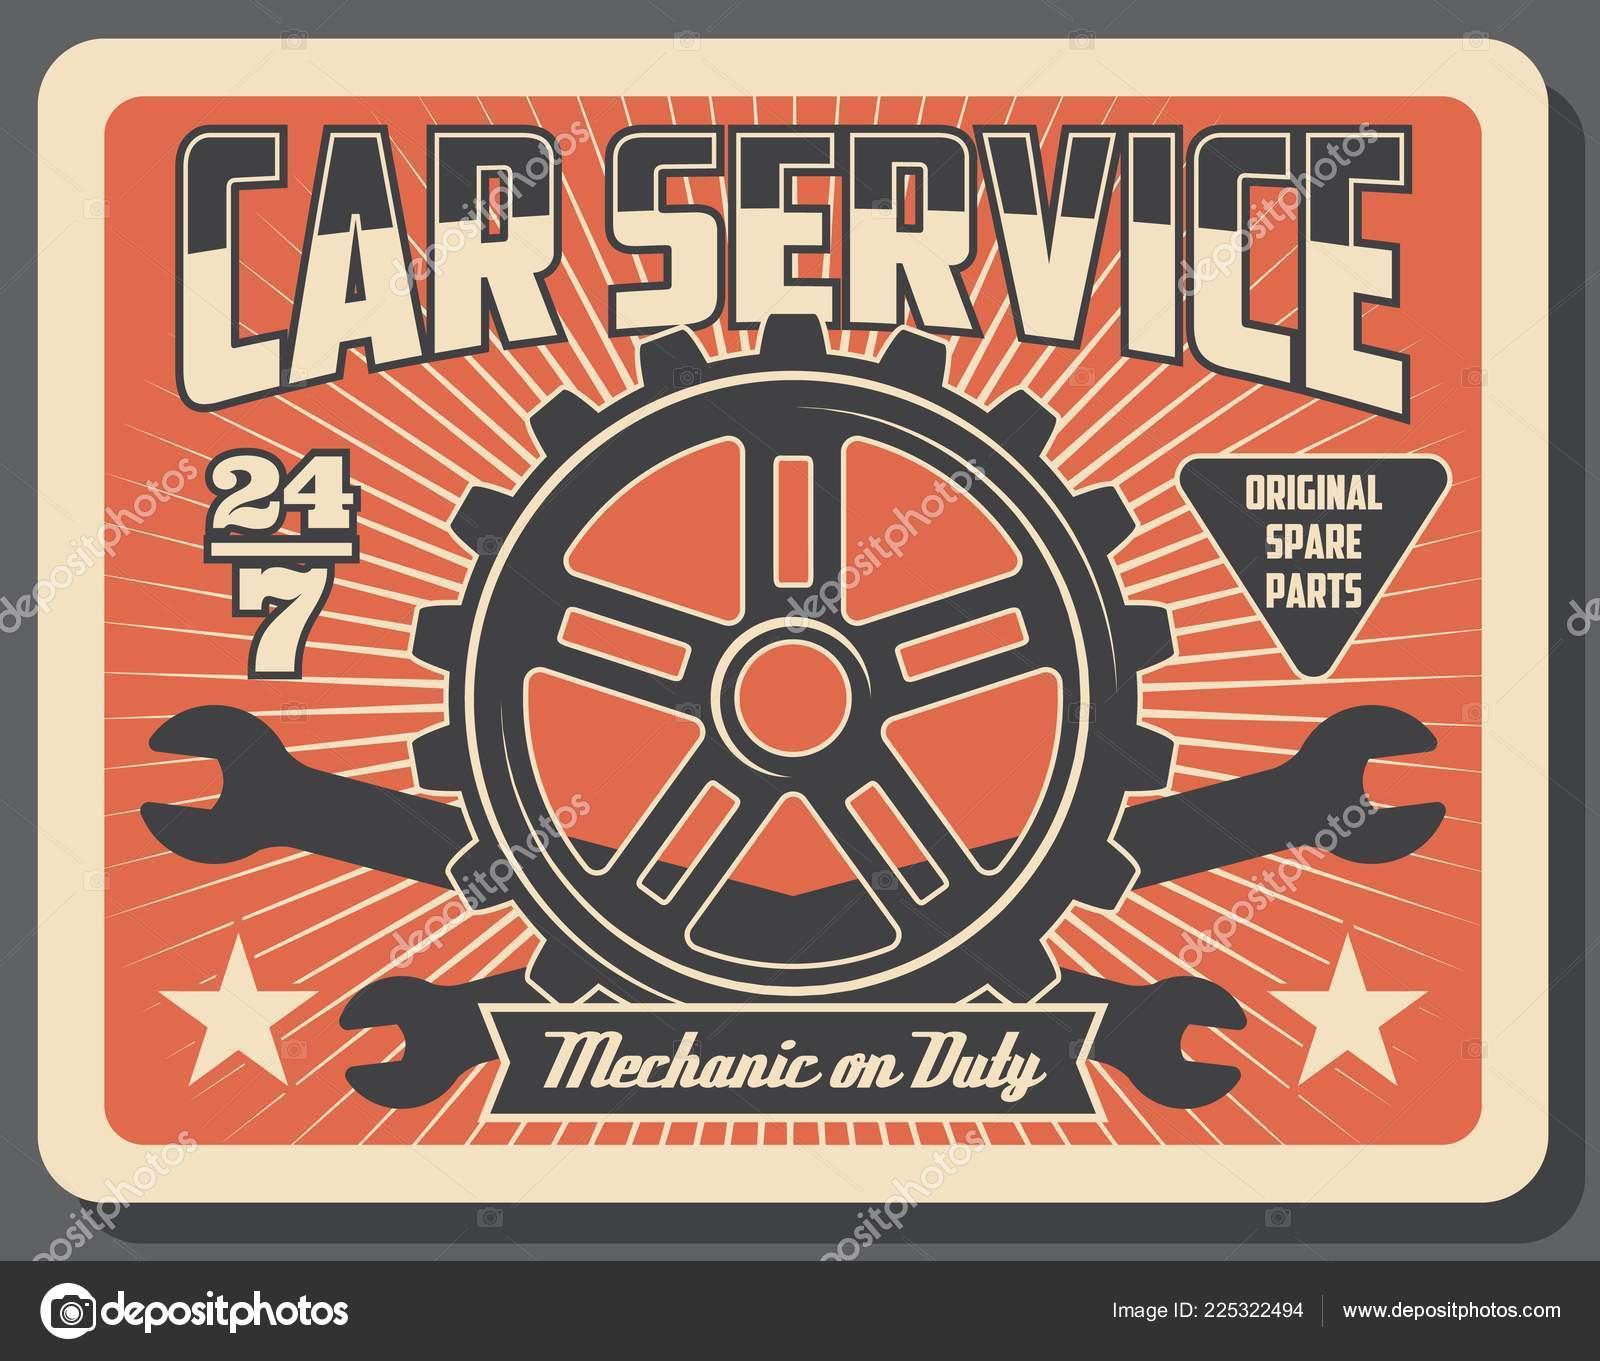 Car Auto Parts Mechanic Service Stock Vector C Seamartini 225322494